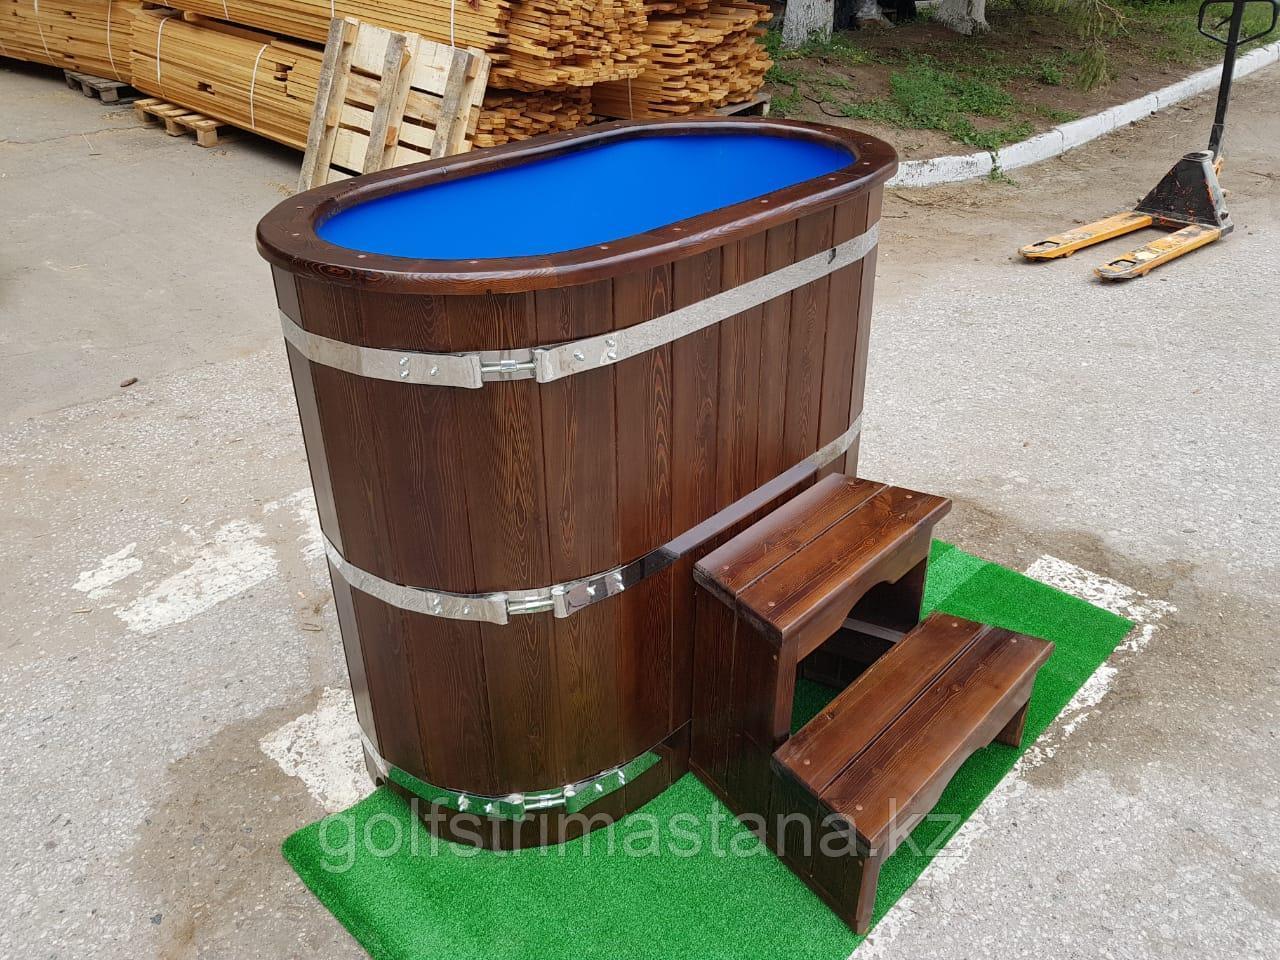 Купель кедровая, Овальная, 120*78*140/4 см, с пластиковой вставкой, Стандарт